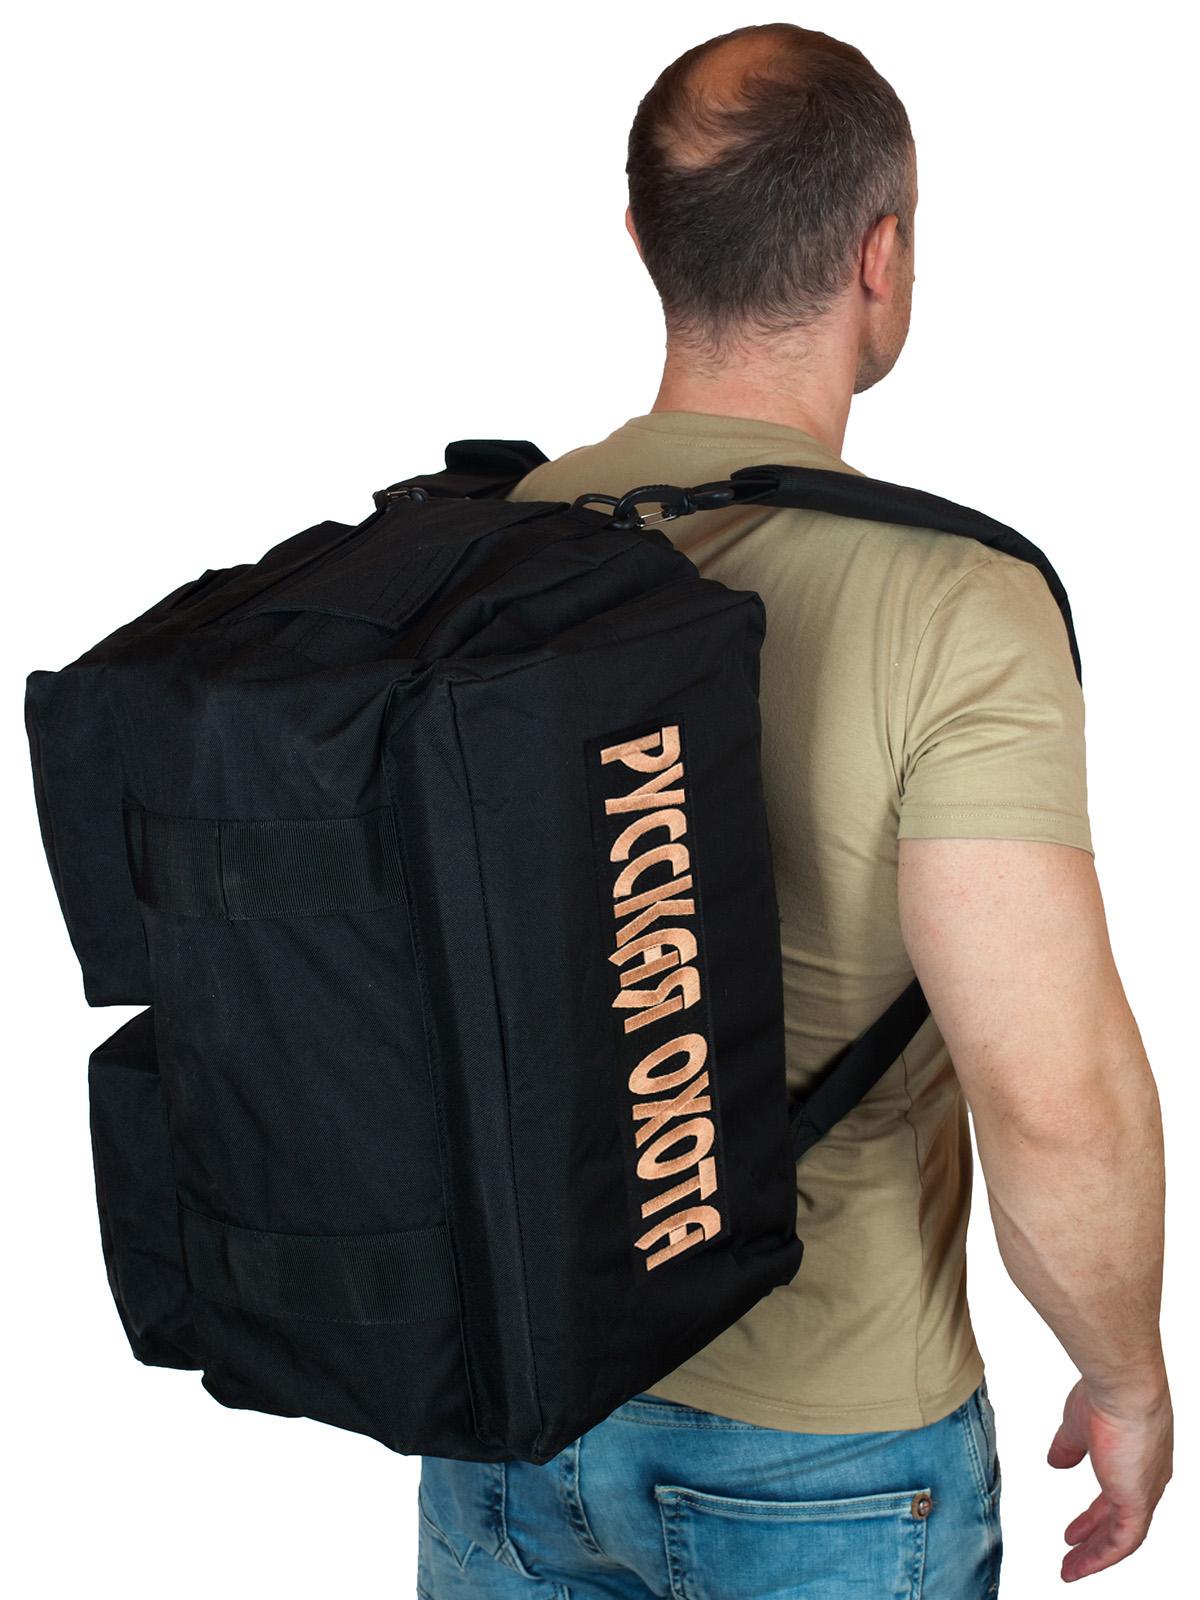 Купить тактическую надежную сумку-баул Русская Охота по экономичной цене